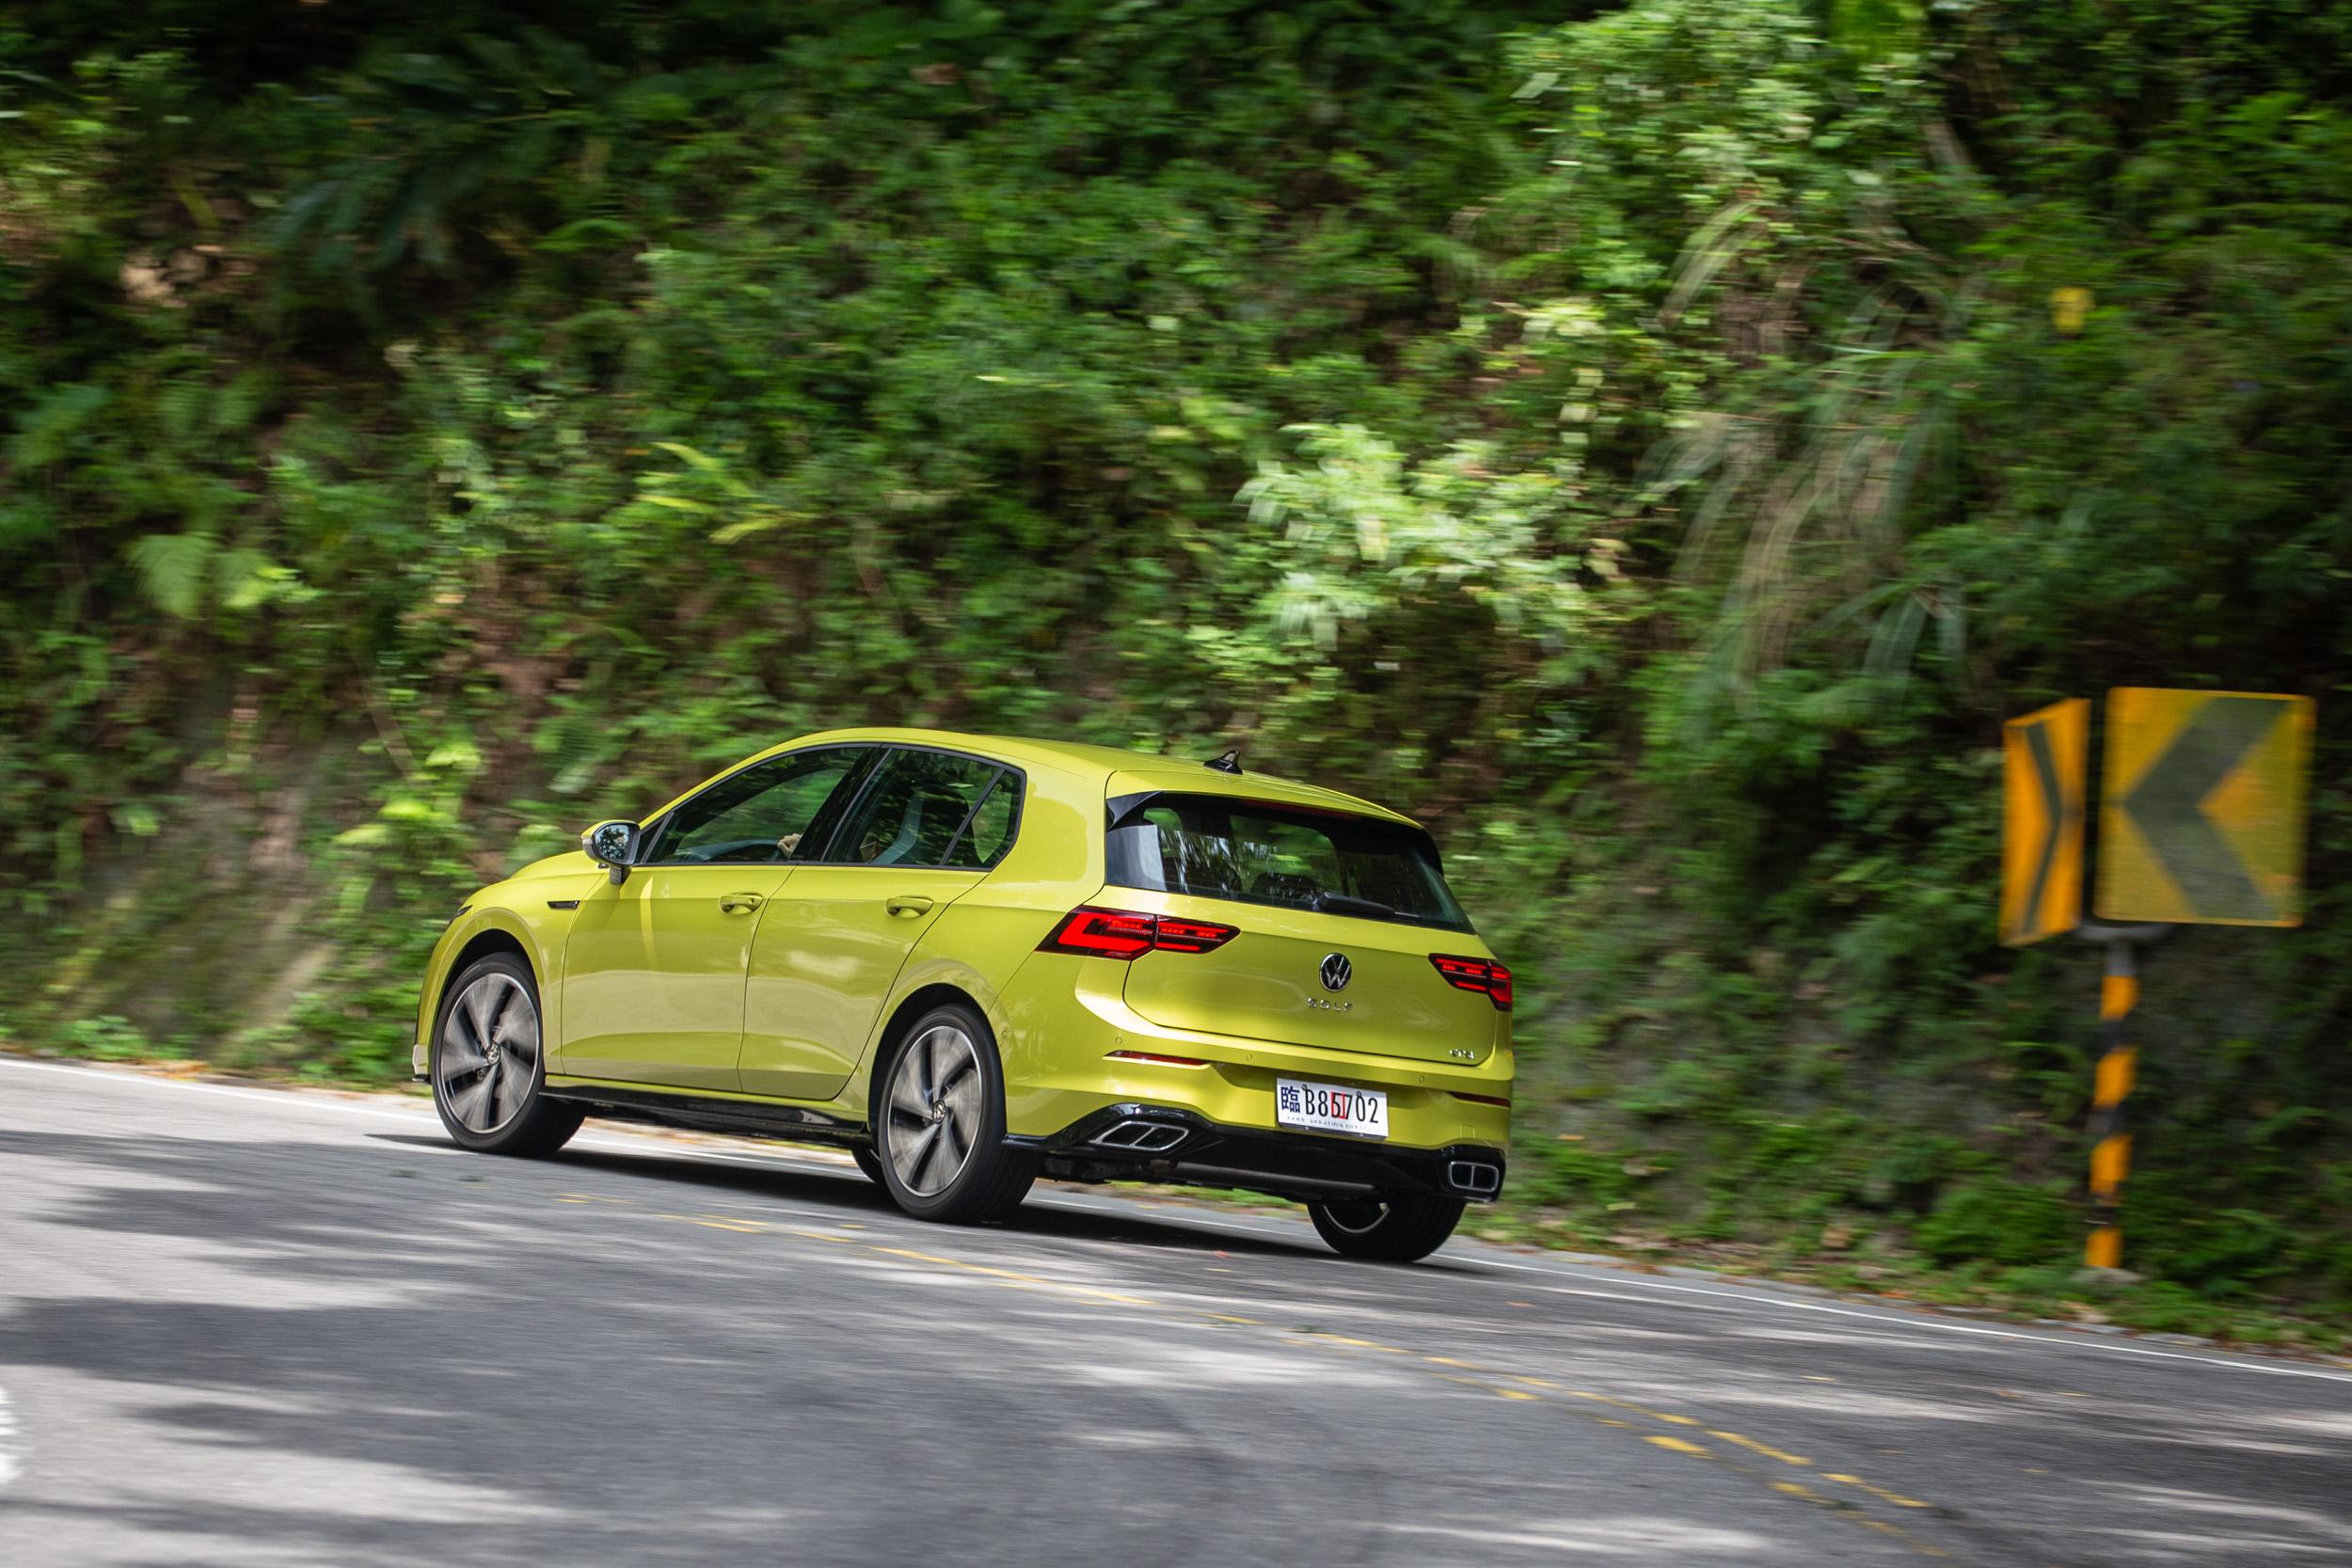 行路質感與車身剛性也提升到史上最佳境界。